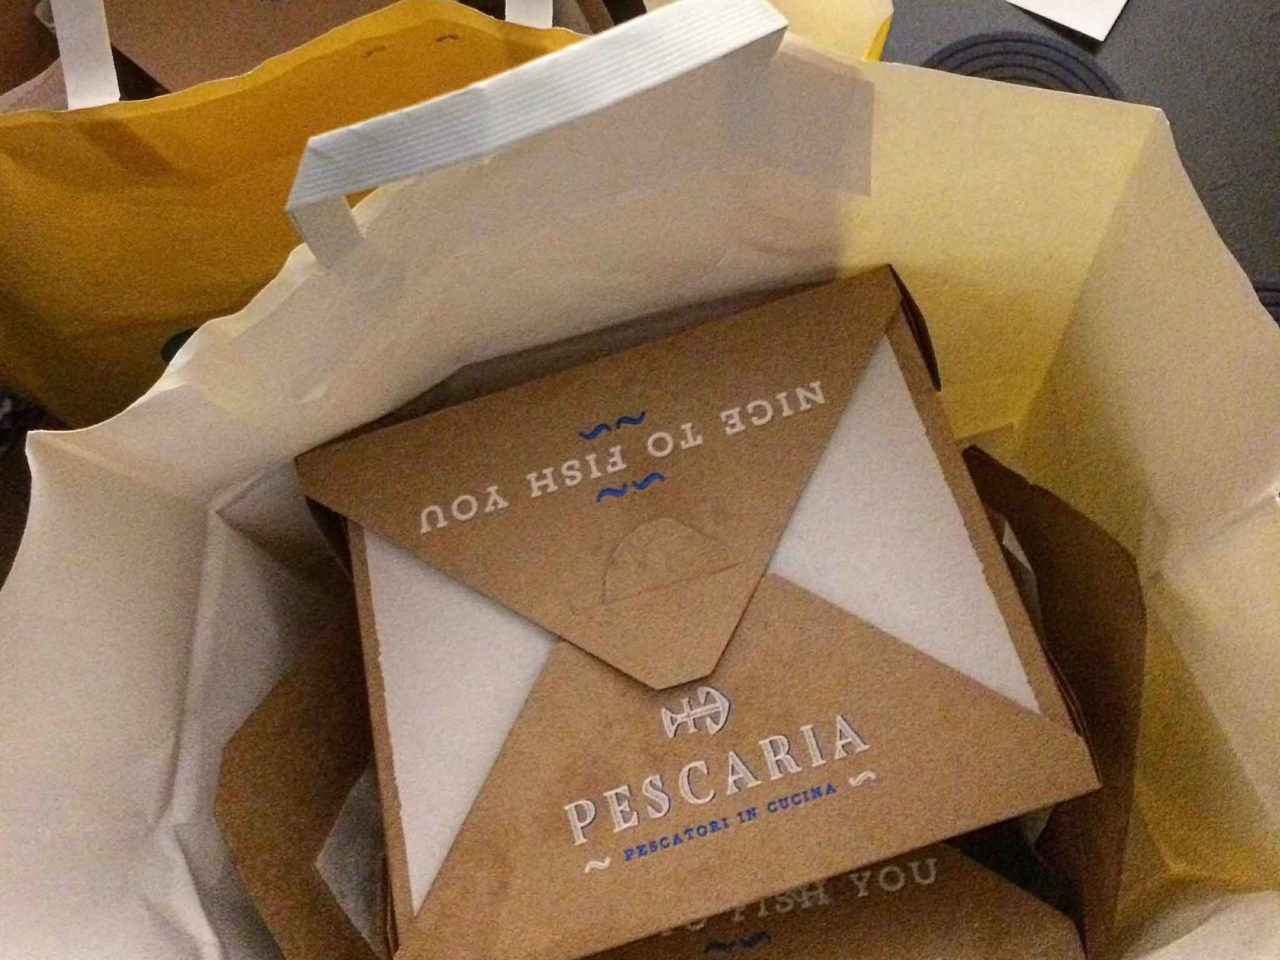 Una delivery box di Pescaria Milano